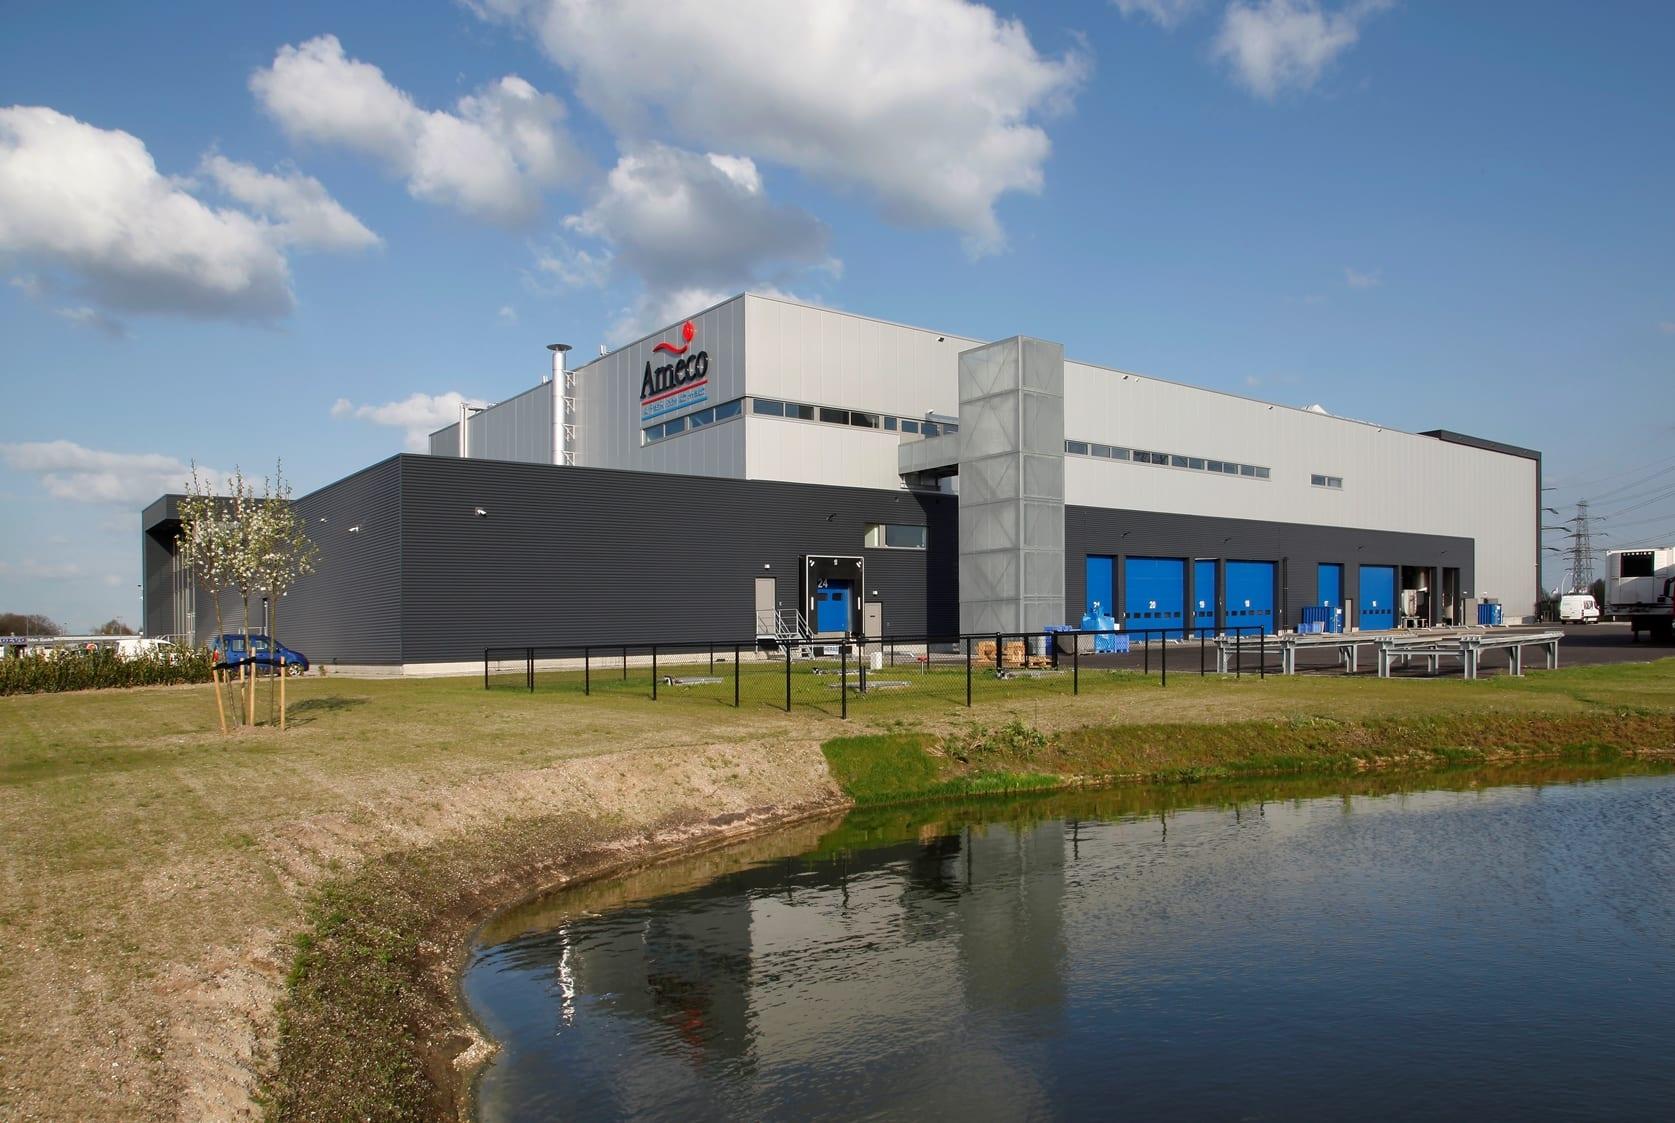 Nieuw bedrijfspand Ameco Apeldoorn